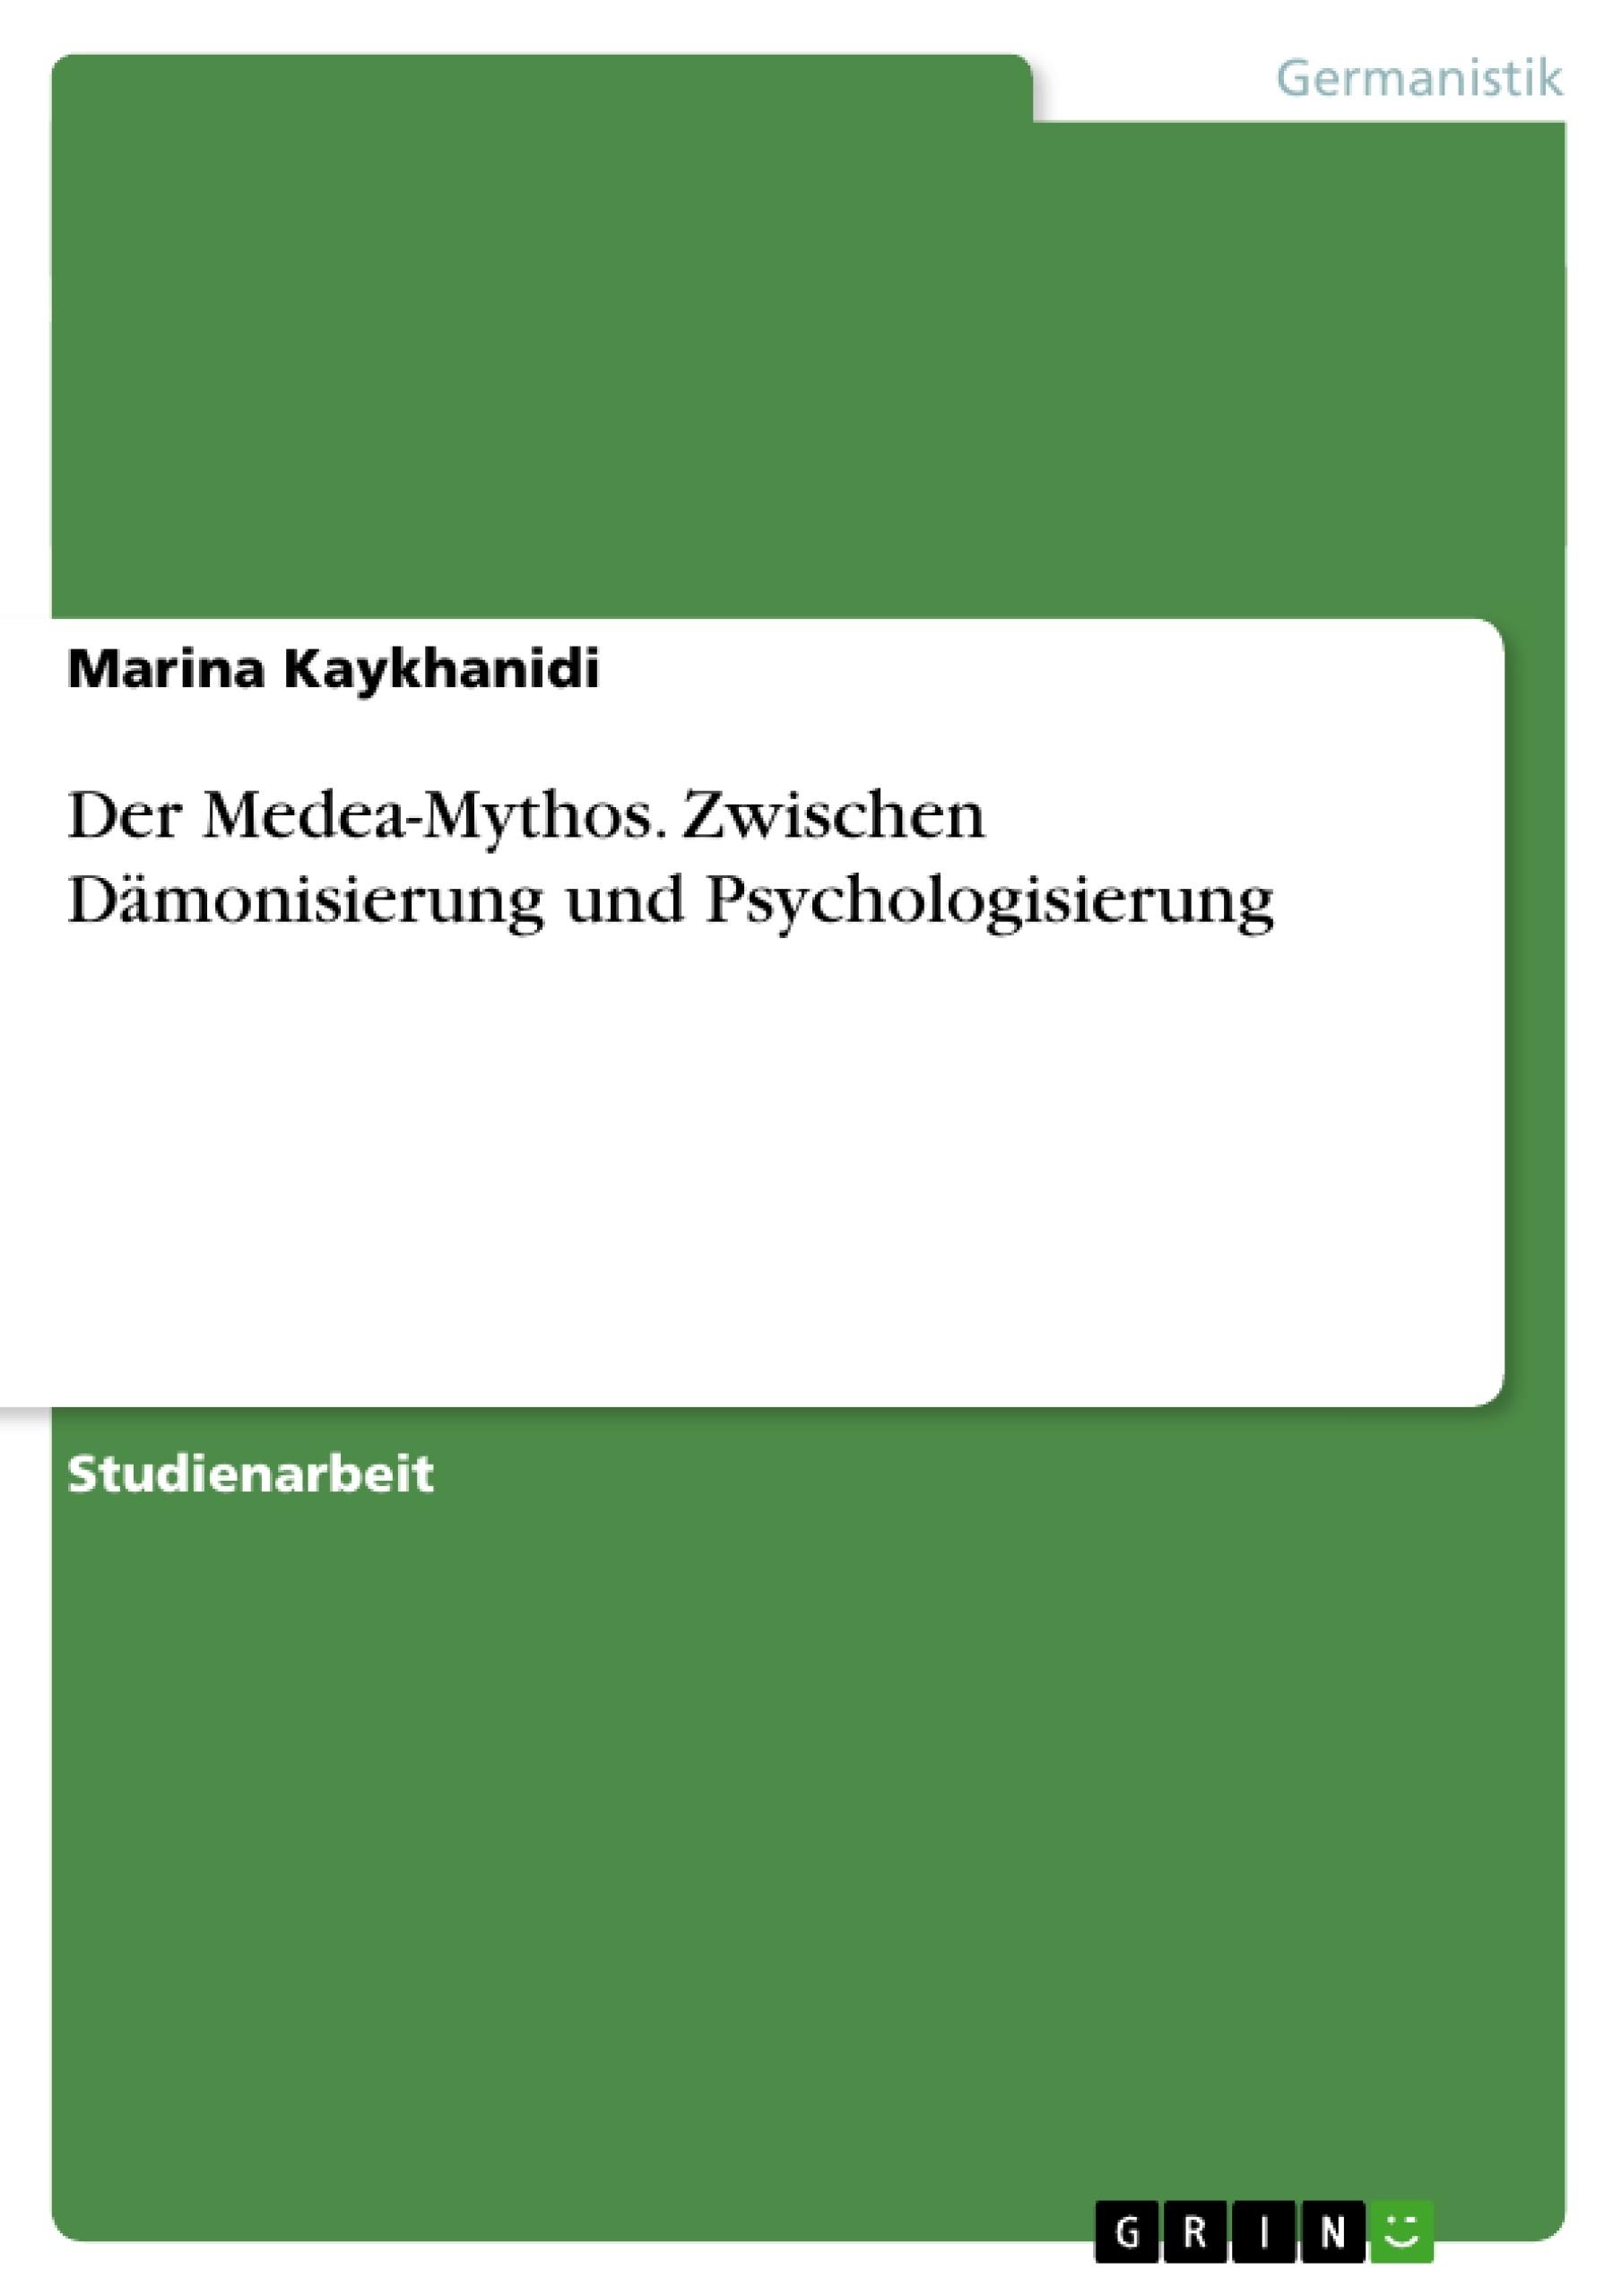 Titel: Der Medea-Mythos. Zwischen Dämonisierung und Psychologisierung